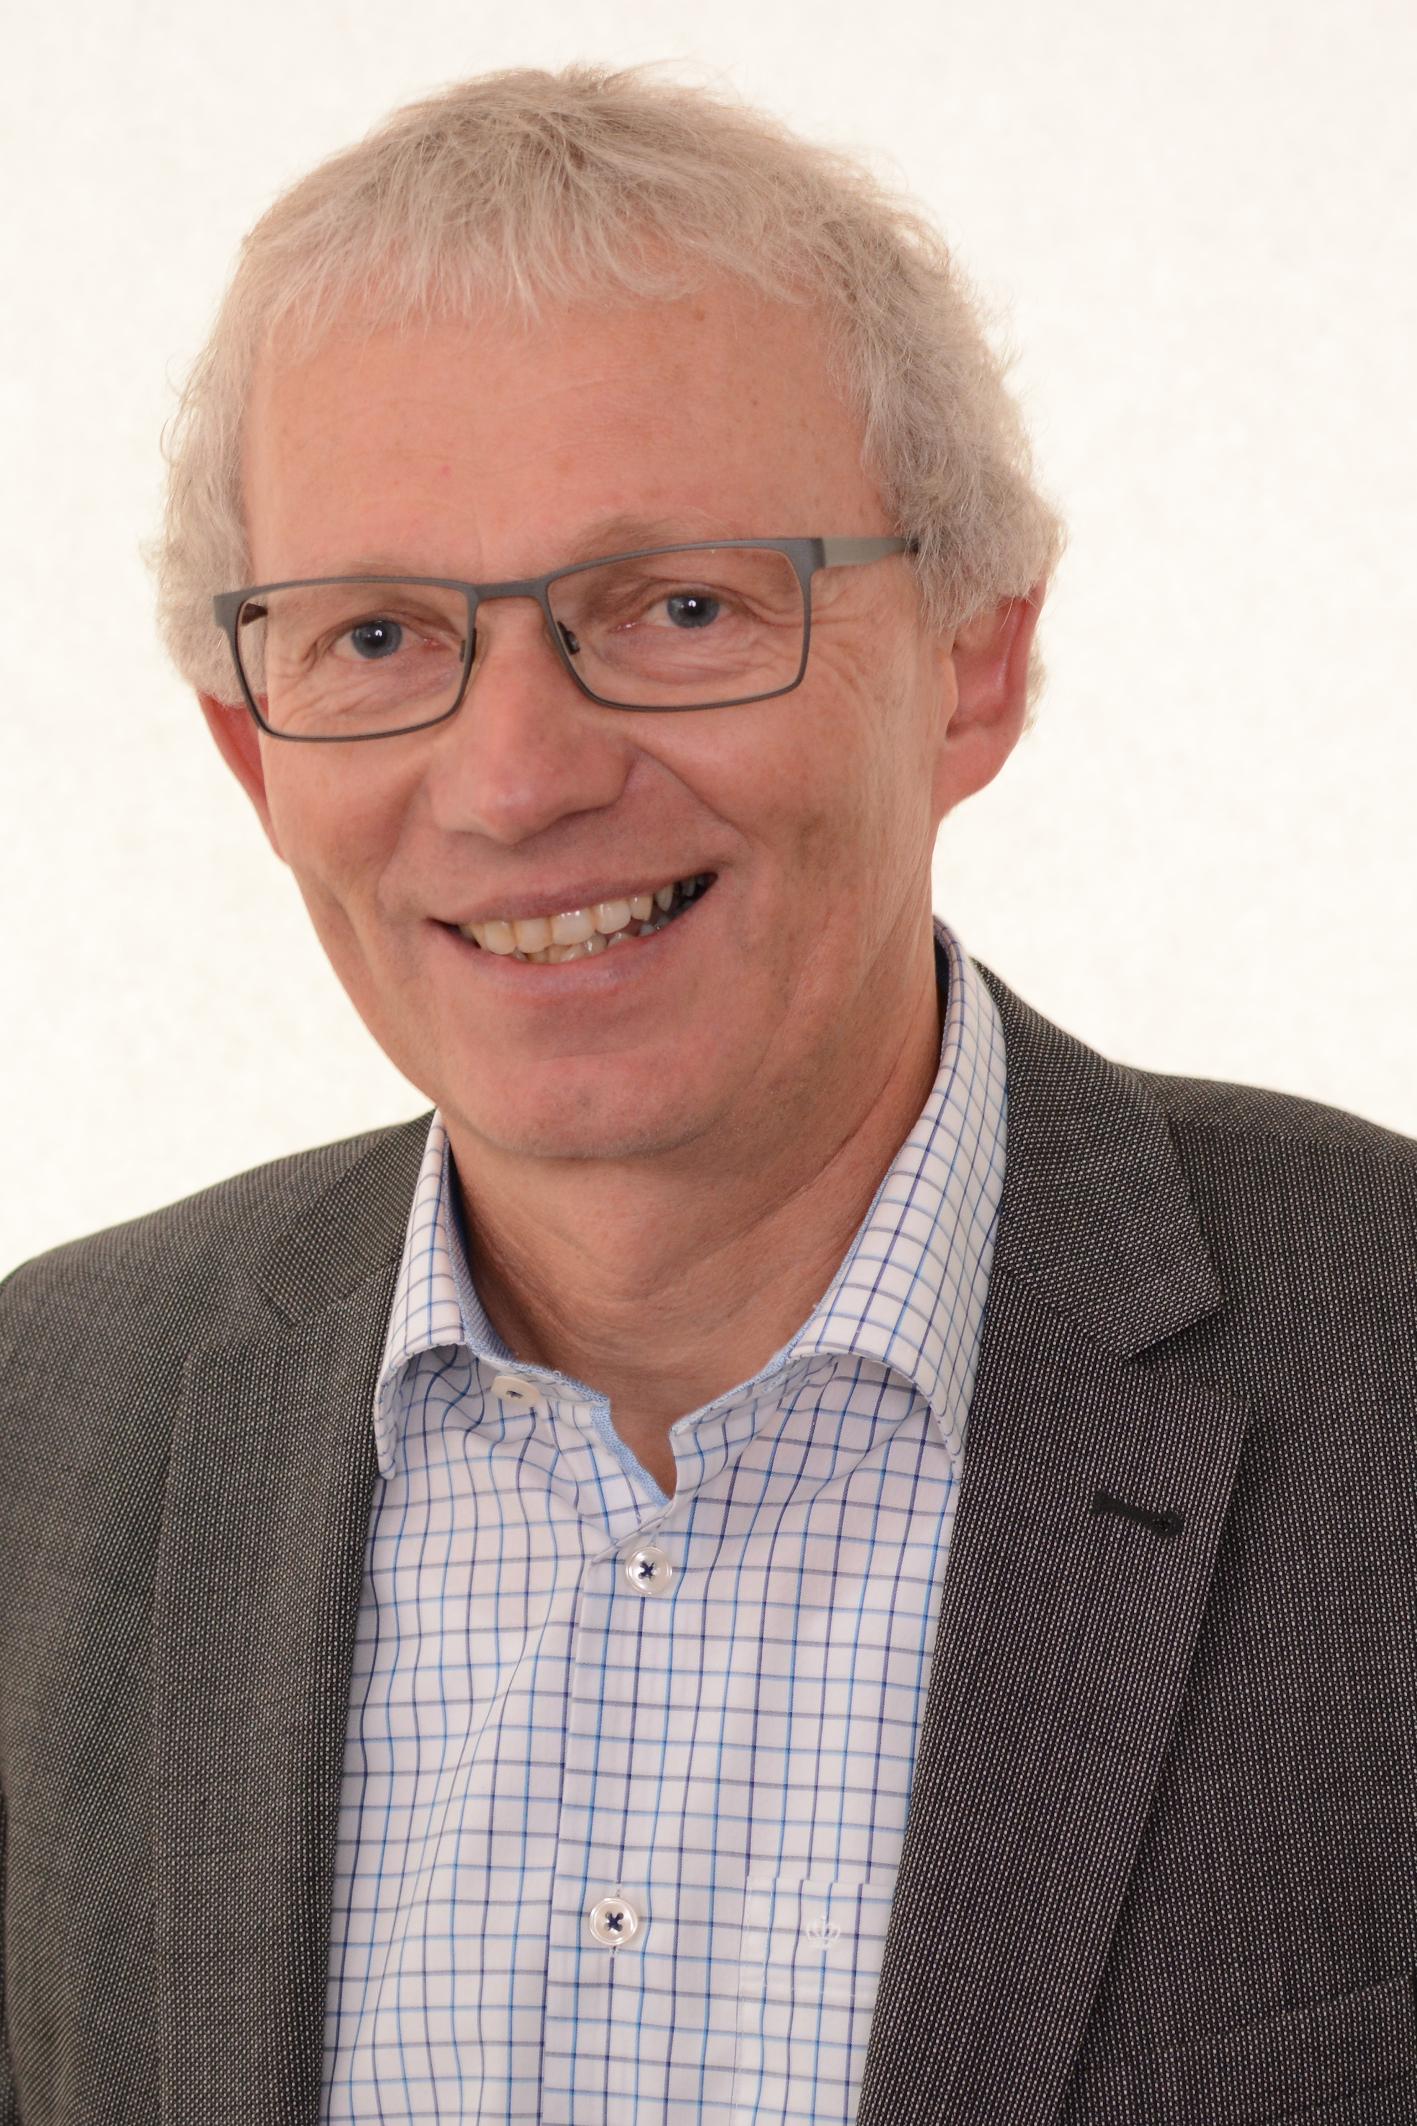 Helmut Wittmer